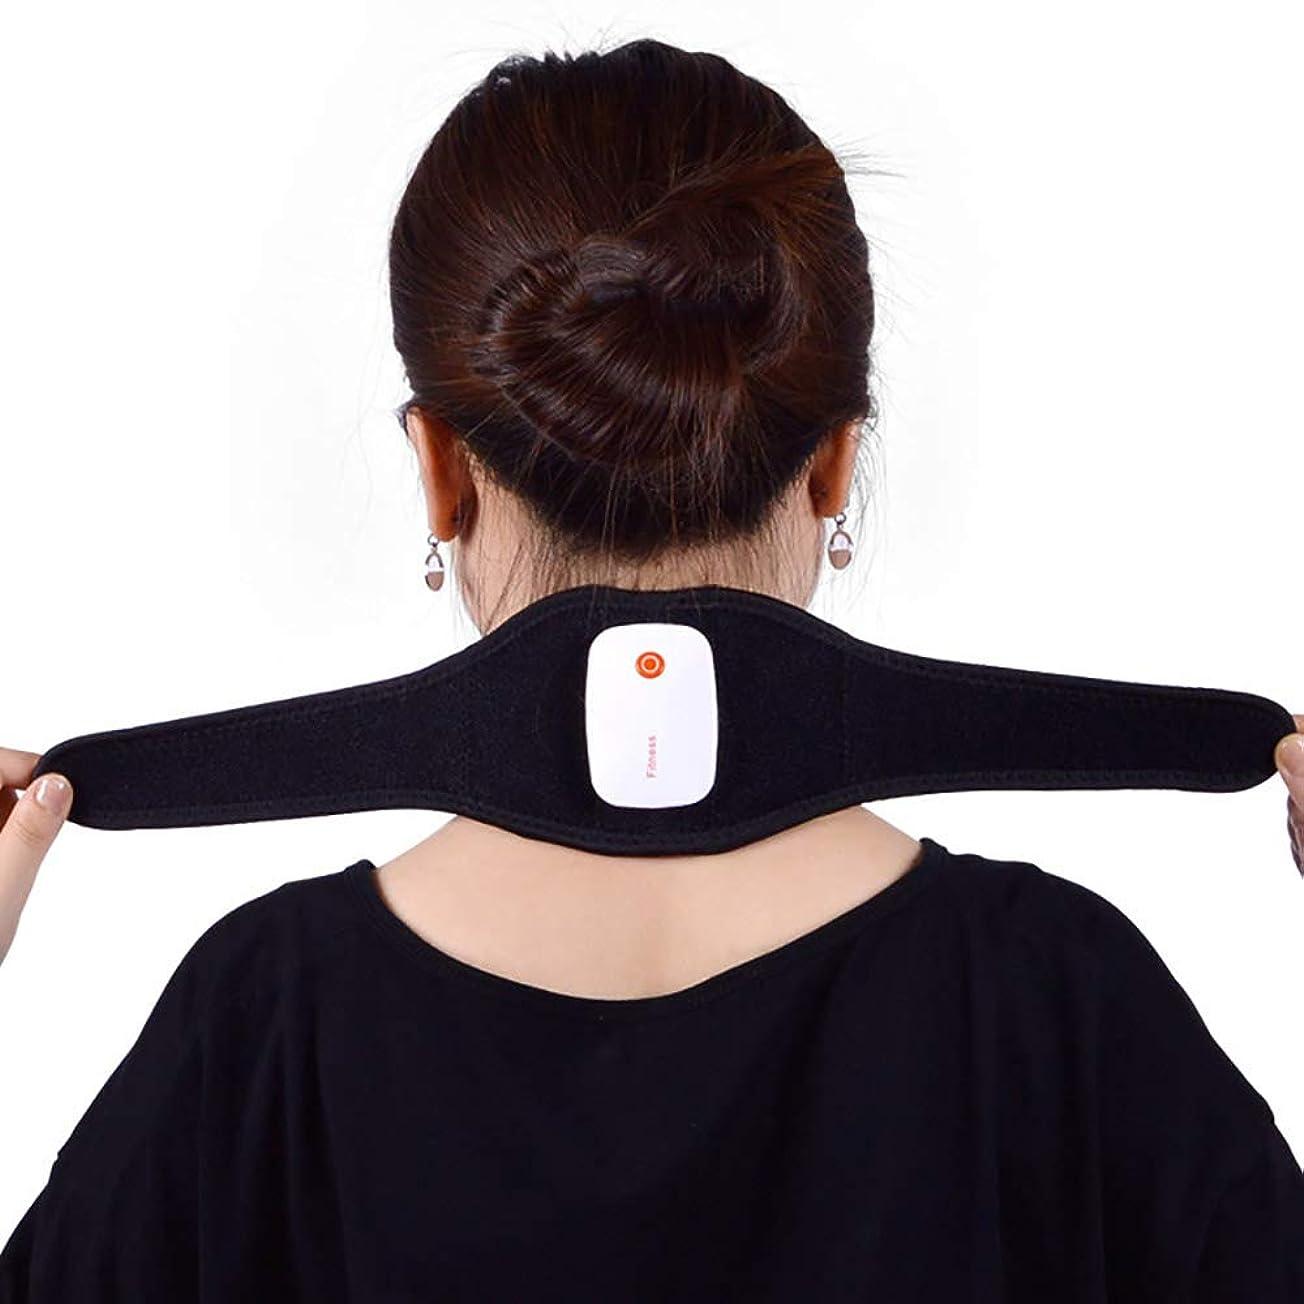 入り口ドラフト遷移USB頚部首の肩のマッサージャー、APPのスマートな頚部マッサージャーの多機能の脈拍の首の理学療法のマッサージャー電気暖房+自己発熱の遠赤外線のサーモセラピーの技術